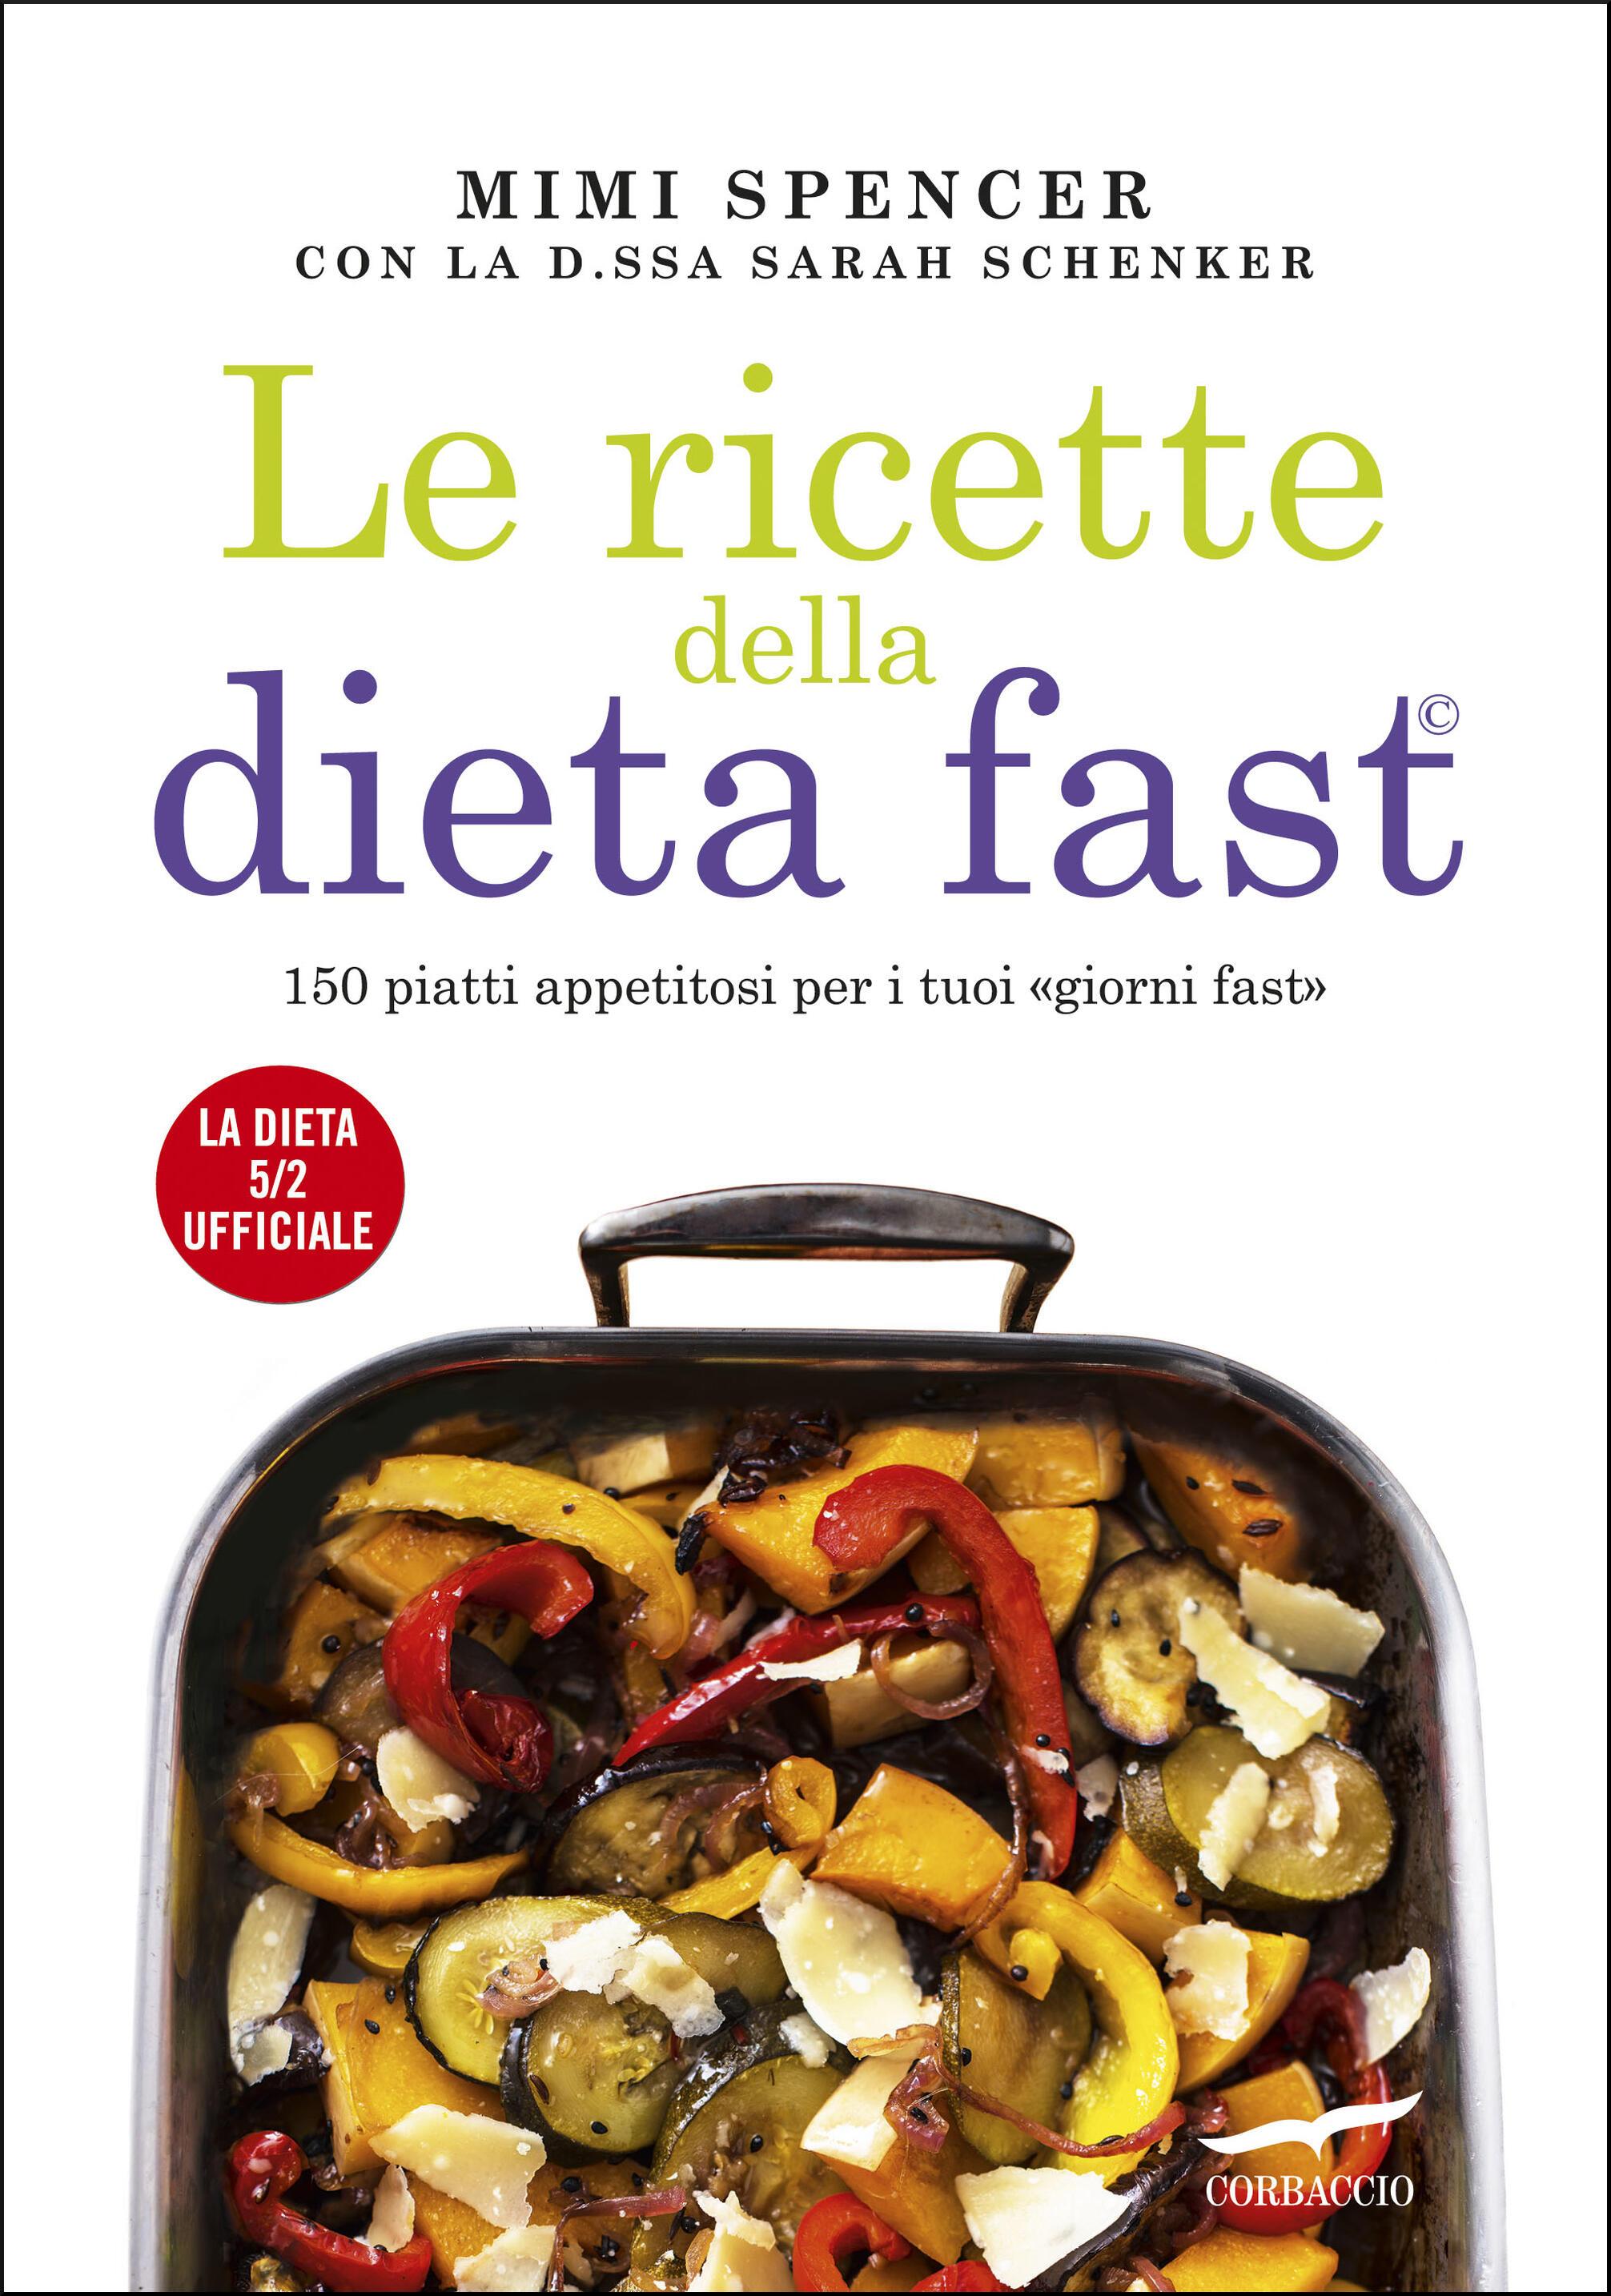 Ricette cucina professionale pdf